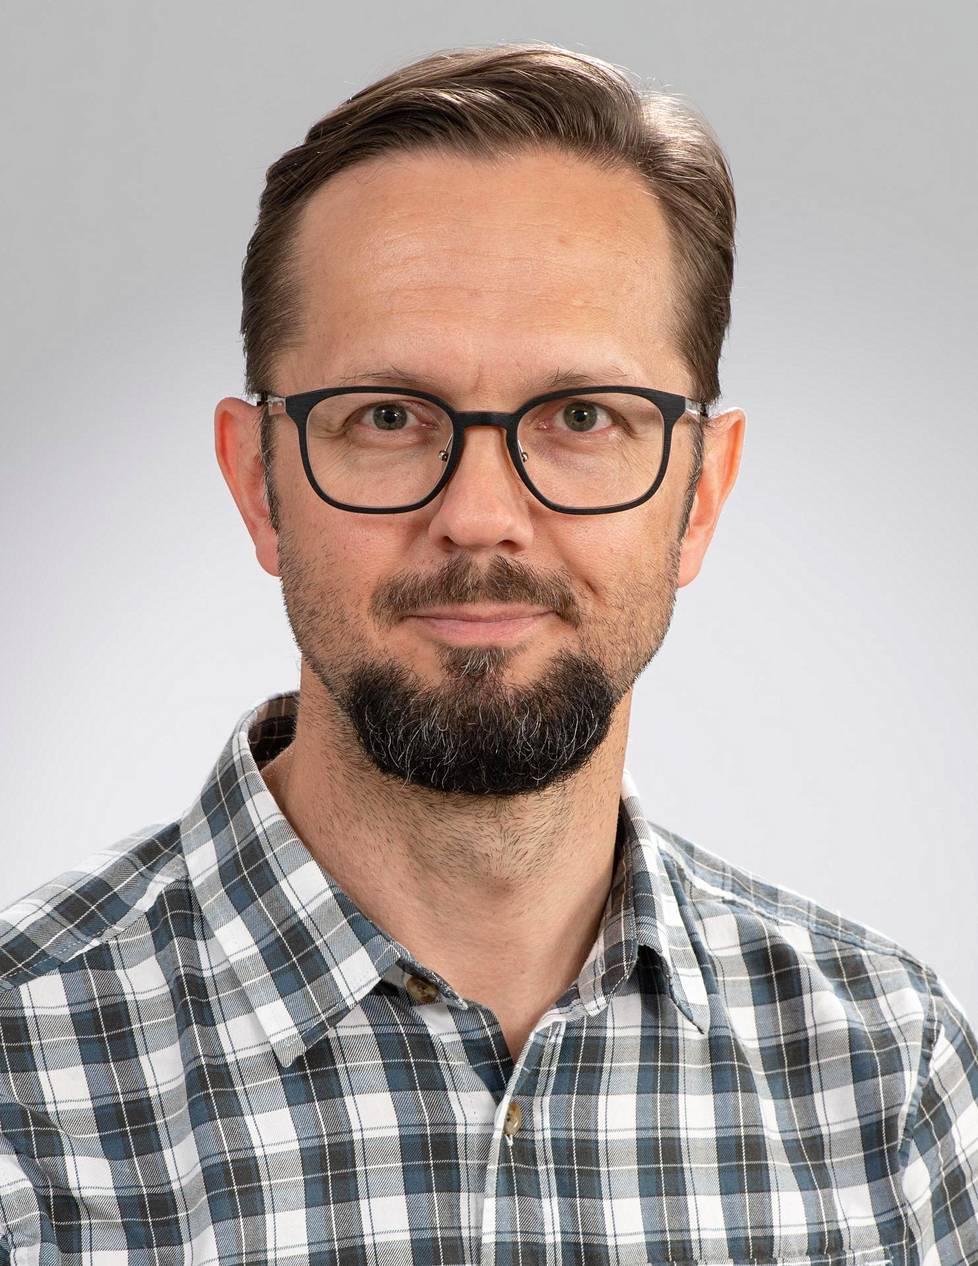 Professori Matti Reinikainen johtaa kansallista tehohoidon COVID-19-koordinaatioryhmää.